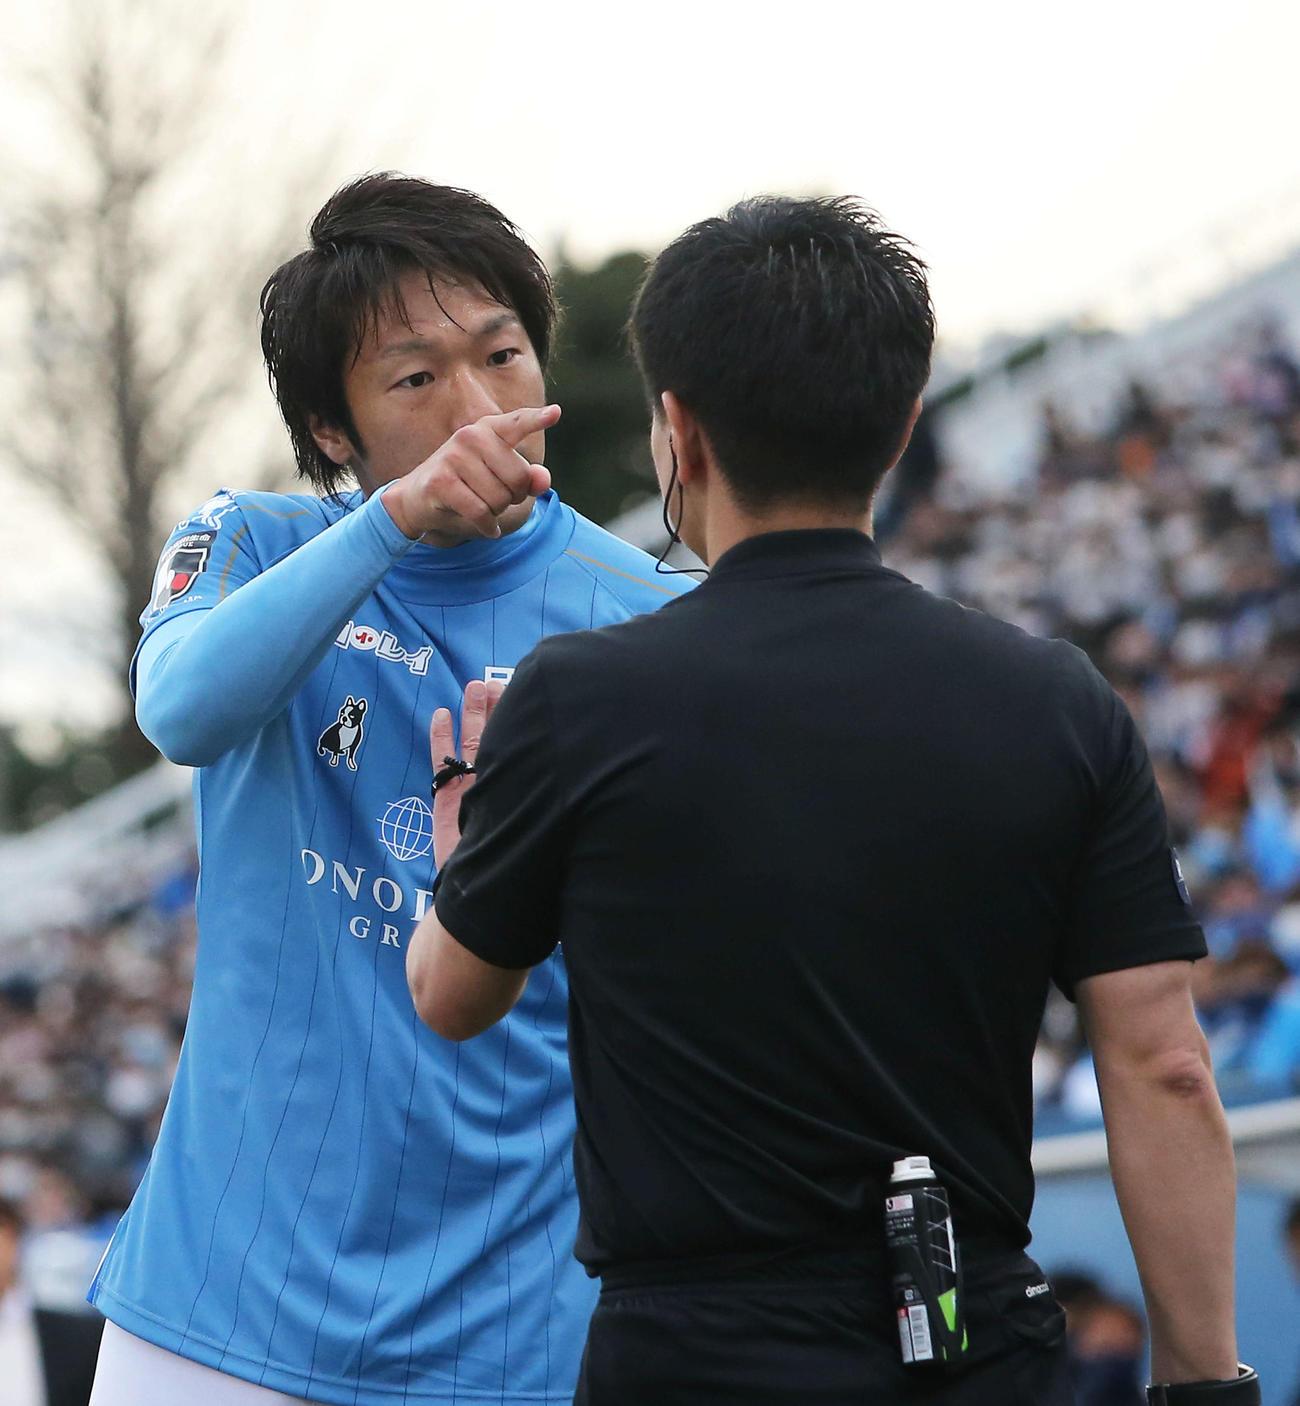 横浜FC対大分 後半、イエローをとられヒートアップする横浜FC・FW伊藤(撮影・河田真司)